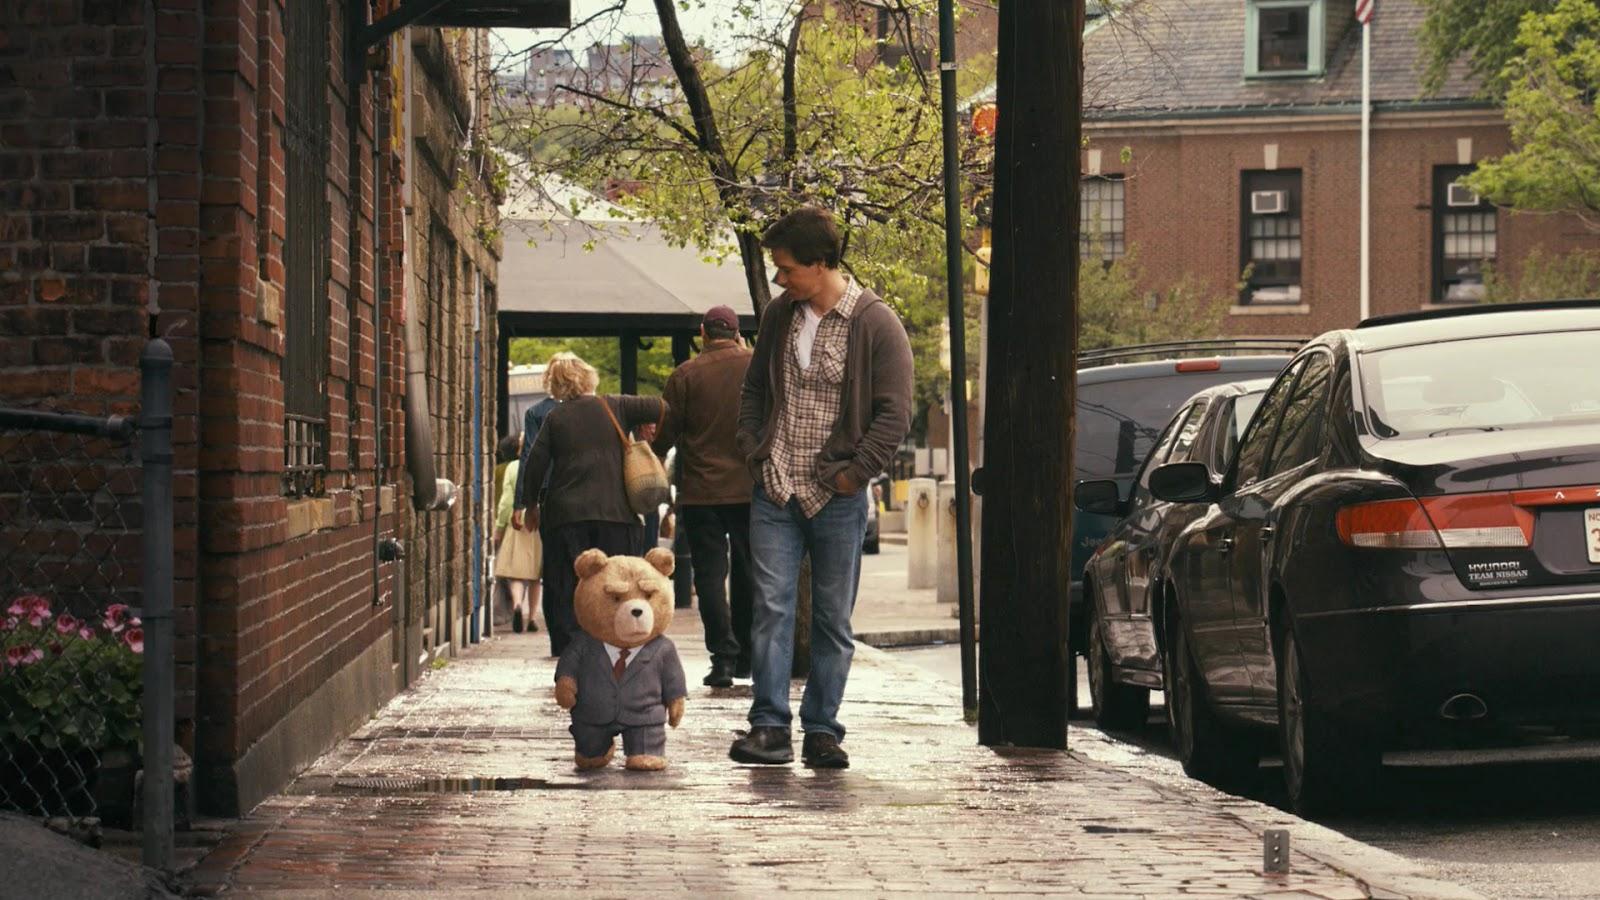 http://2.bp.blogspot.com/-giir6KALLmI/UHOzc5d6WCI/AAAAAAAALqc/uBFiD2yBIJQ/s1600/TED-Wallpaper.jpg